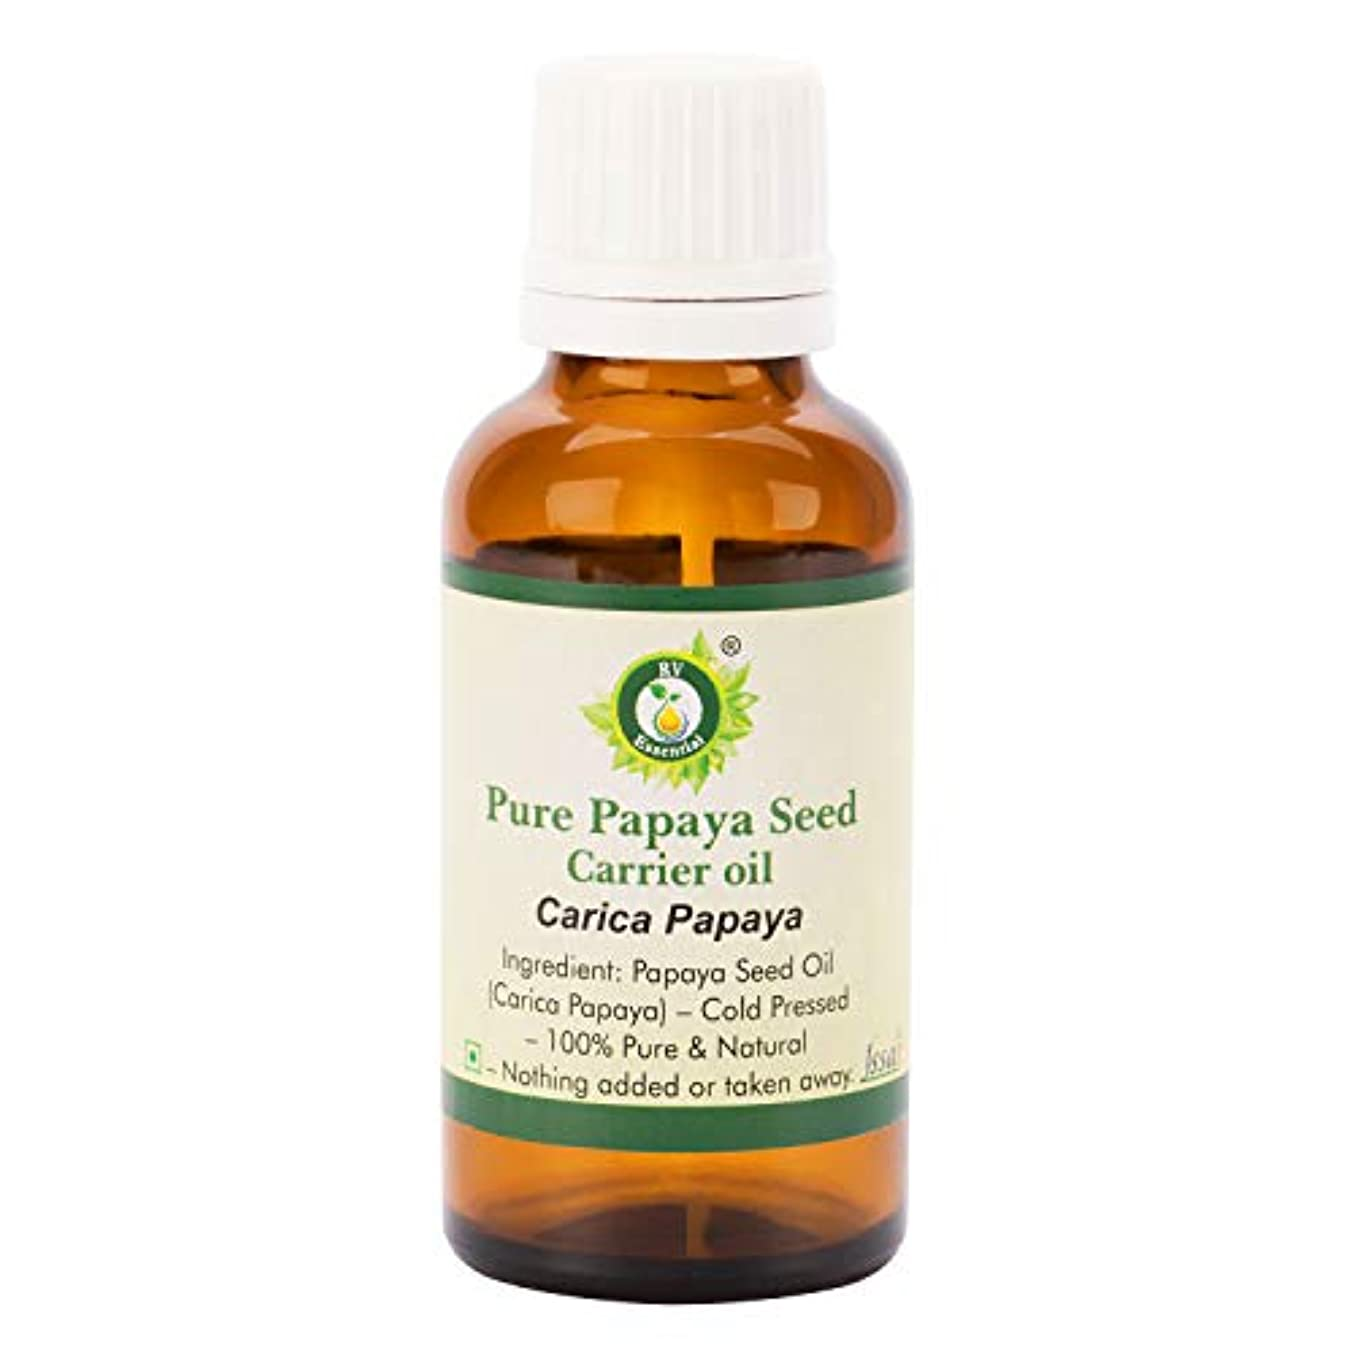 シード仕立て屋つば純粋なパパイヤ種子キャリアオイル15ml (0.507oz)- Carica Papaya (100%ピュア&ナチュラルコールドPressed) Pure Papaya Seed Carrier Oil